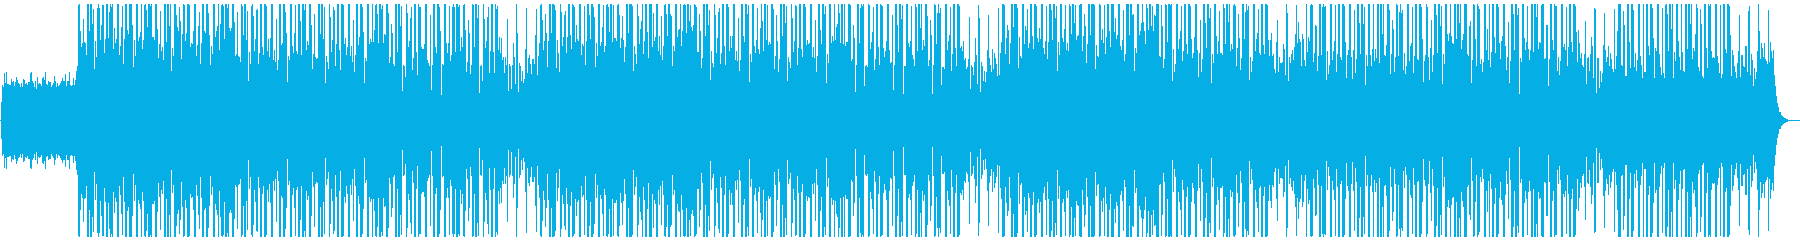 レトロ ファンタジー 魔法 エキゾ...の再生済みの波形